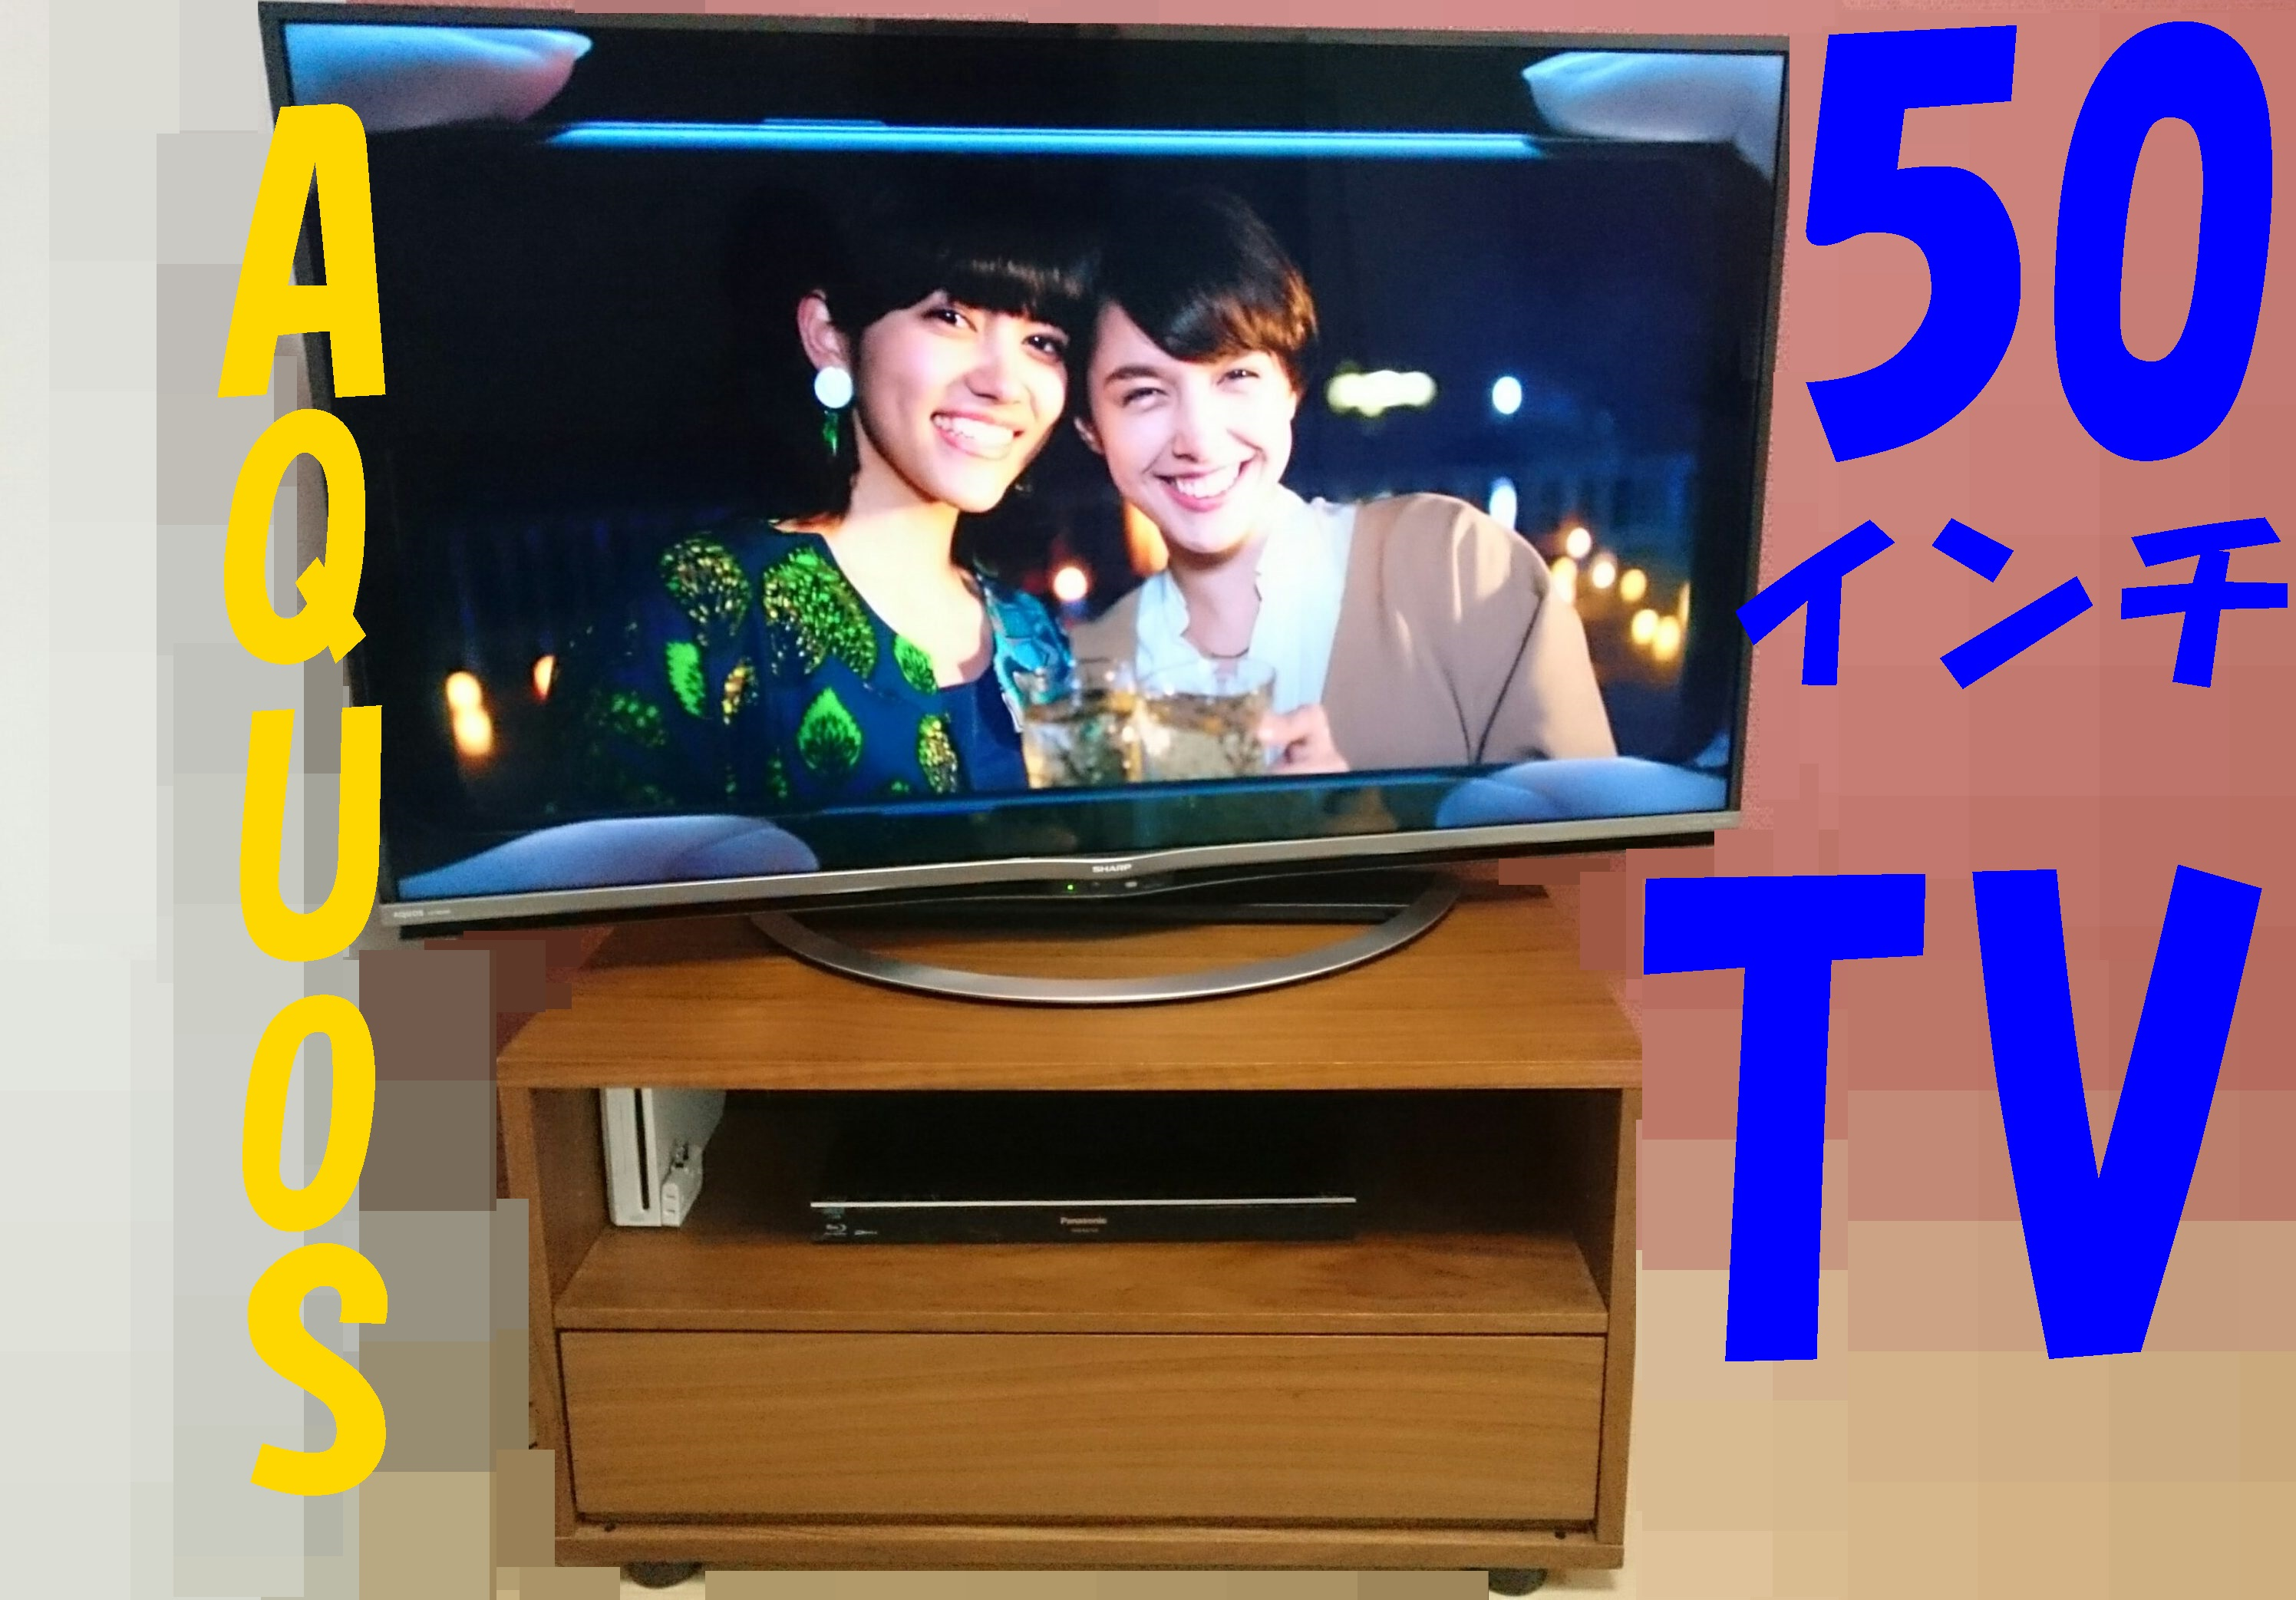 AQUOS50インチテレビ